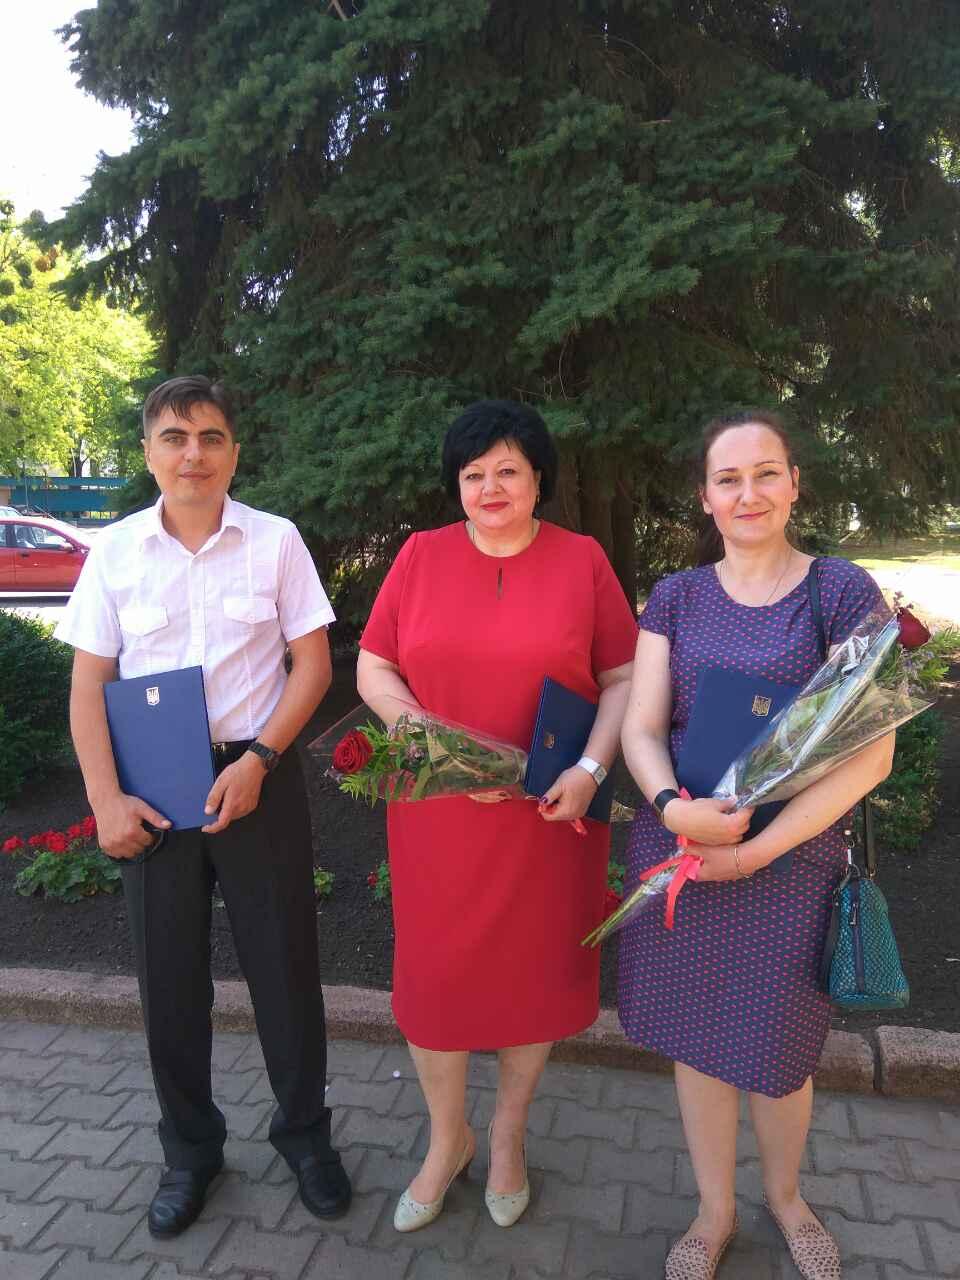 Донецька облдержадміністрація висловила Подяку працівникам департаменту